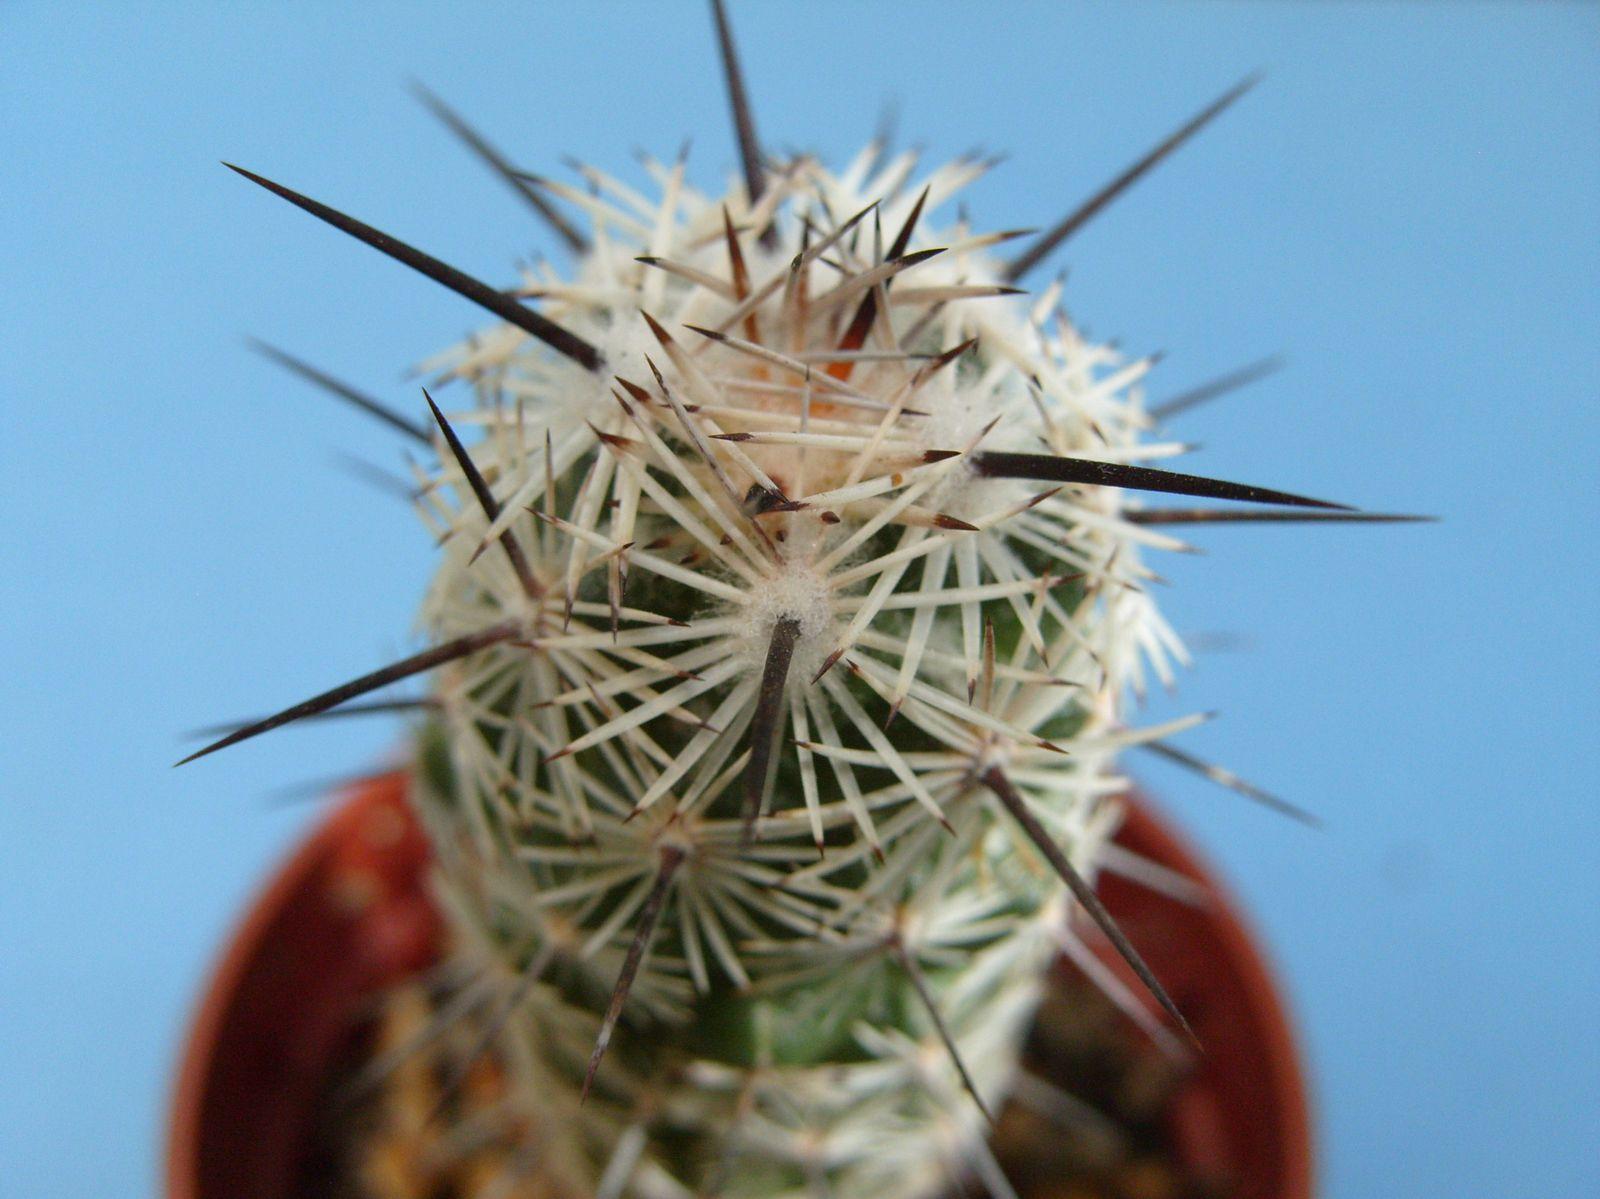 Spination et détail des épines de mes cactus.